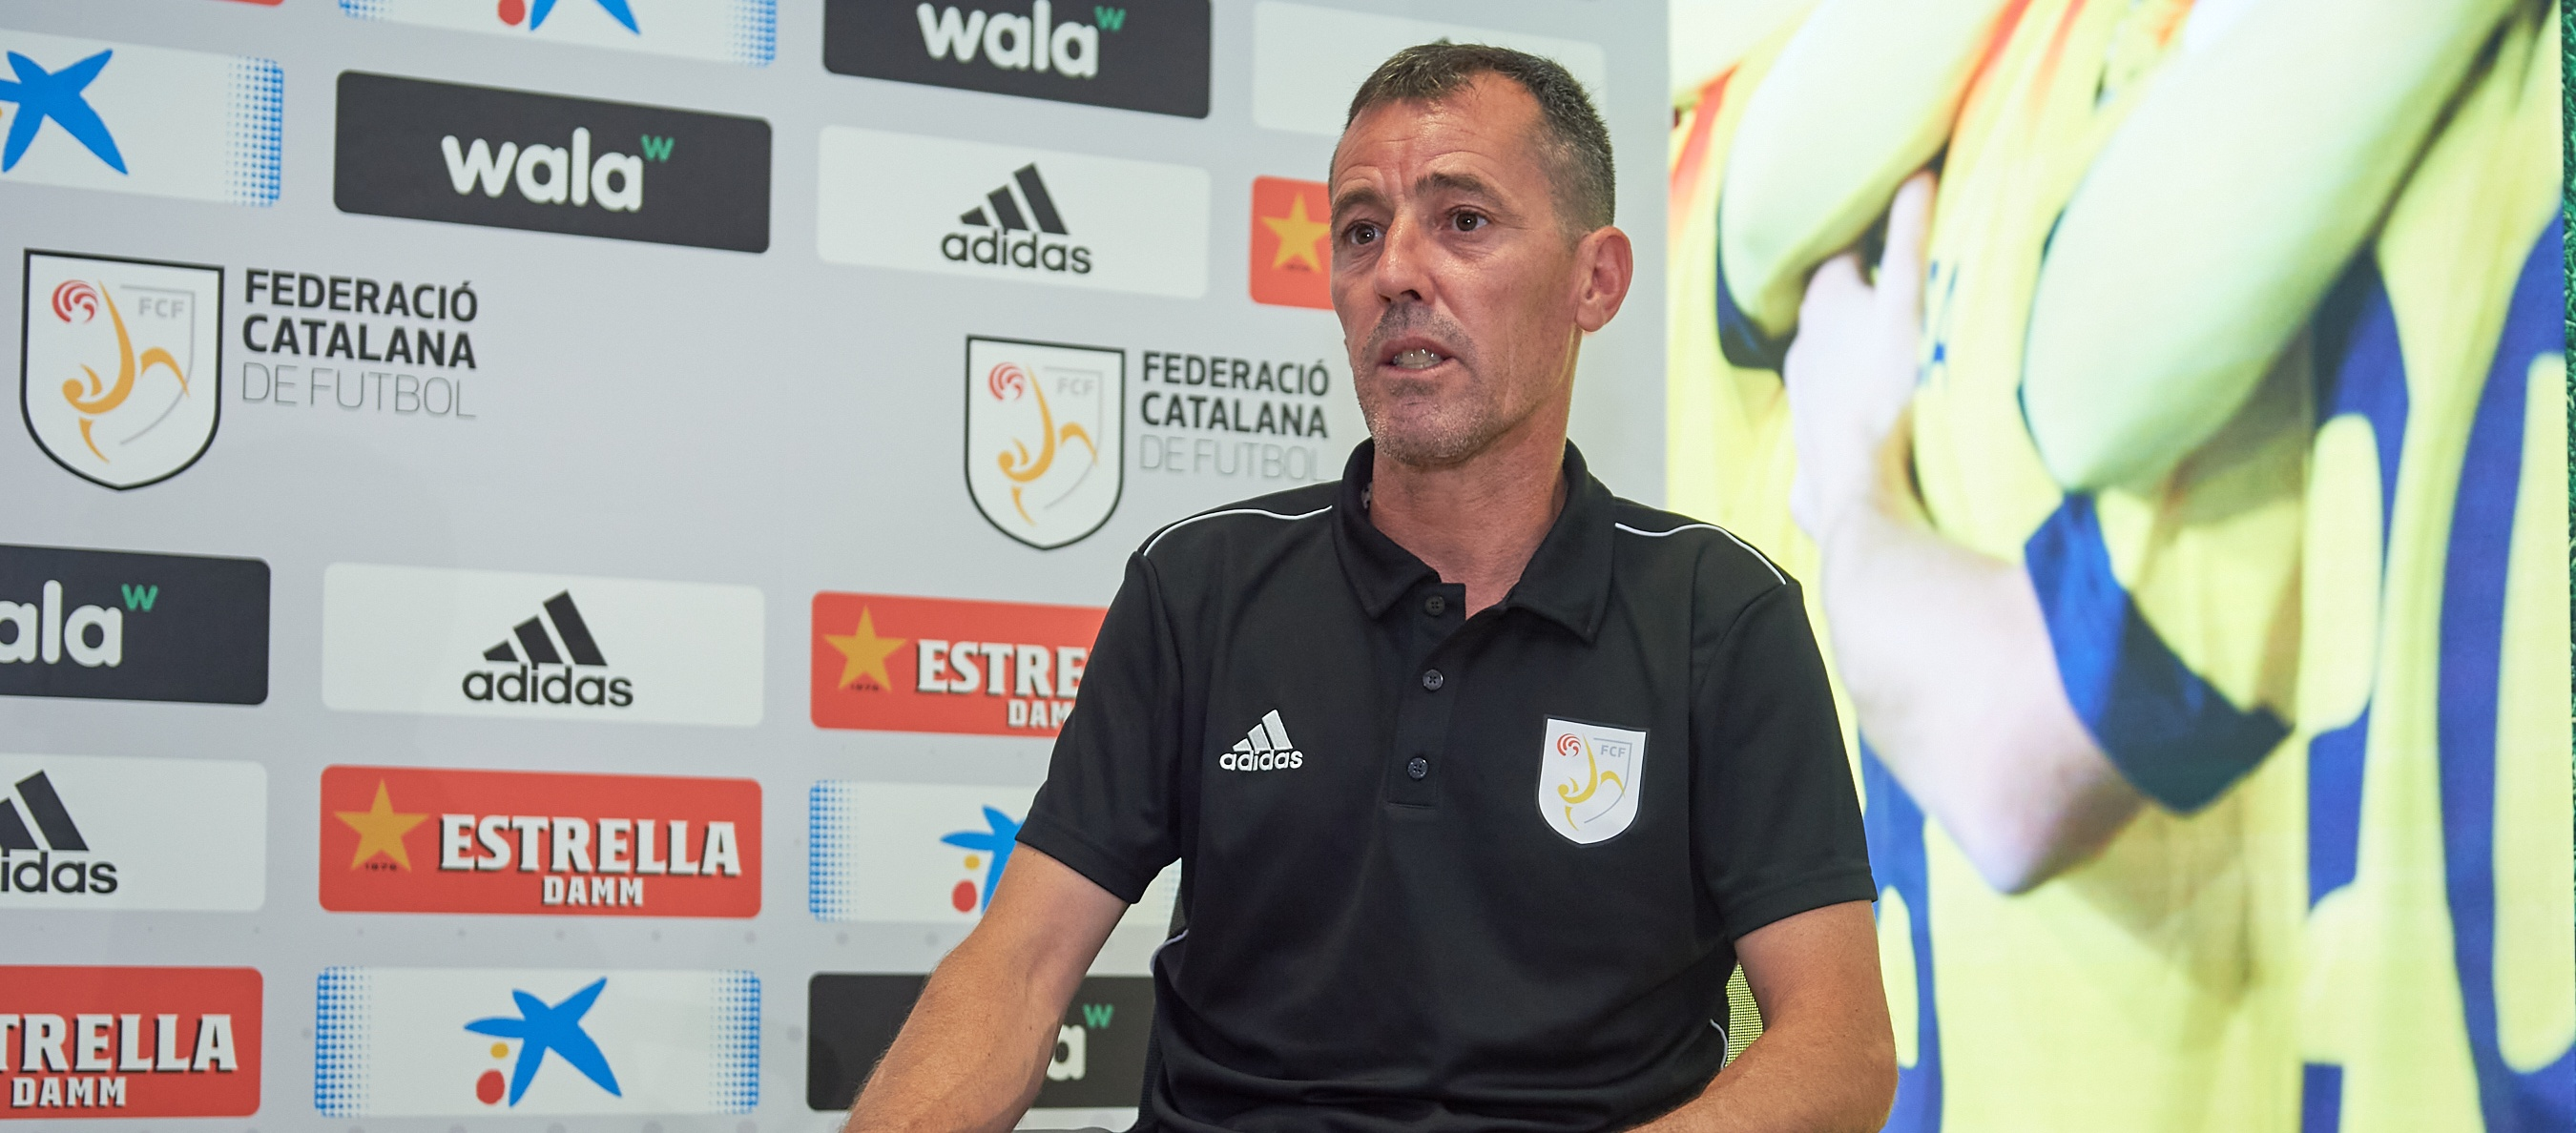 """Diego Blanco: """"Serà un Campionat estrany, però la il·lusió per competir està intacta"""""""